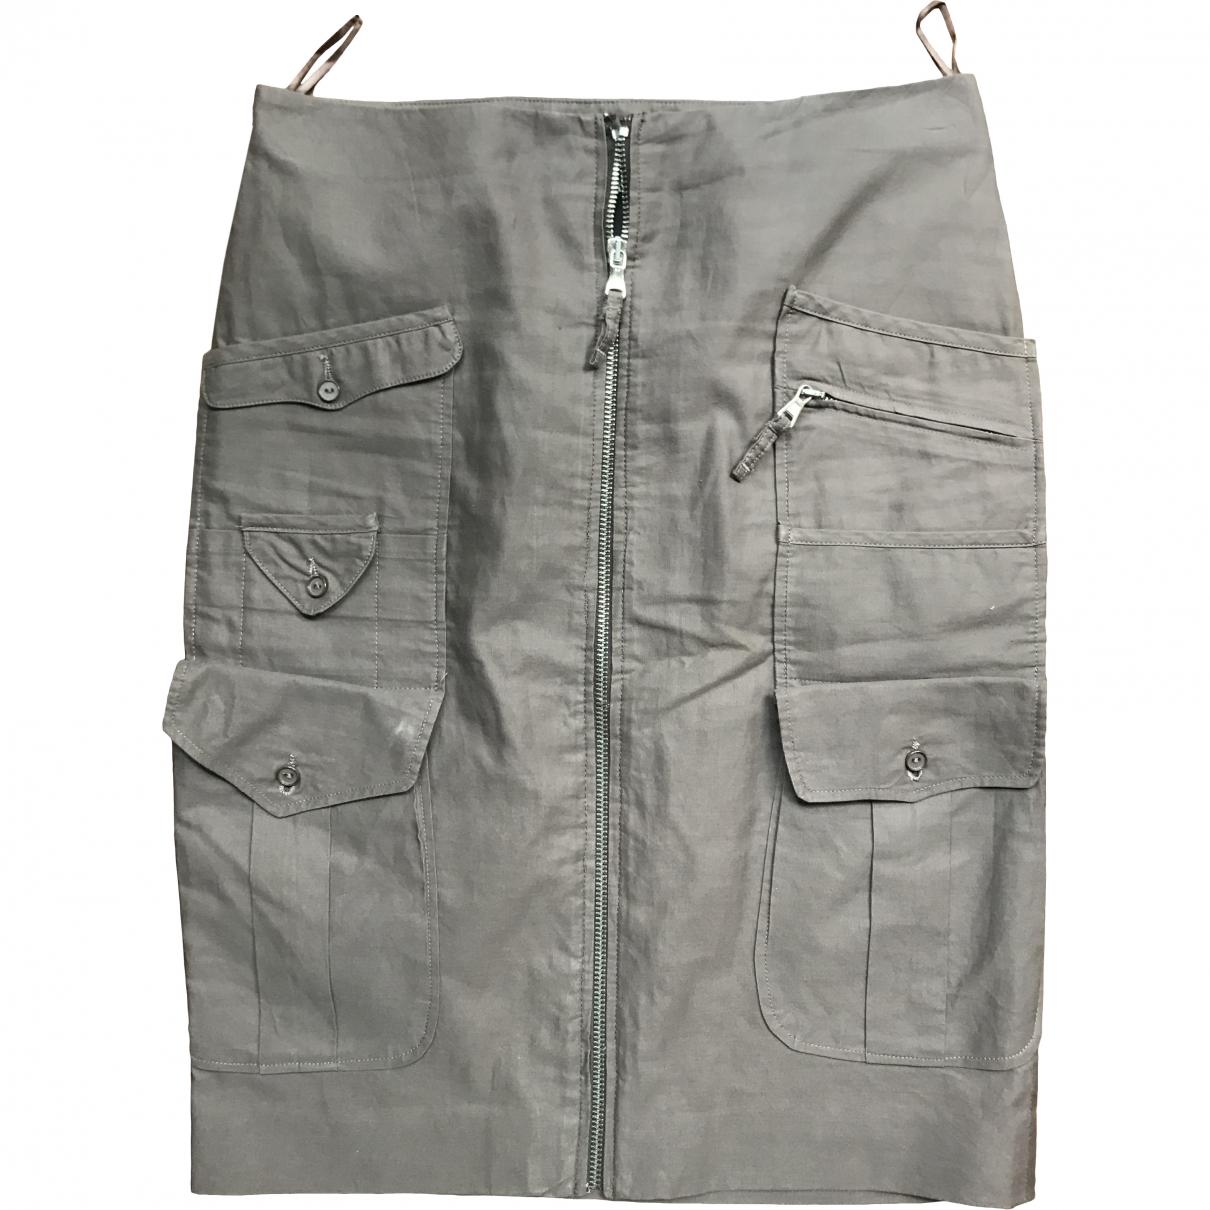 Jean Paul Gaultier \N Cotton skirt for Women 40 IT